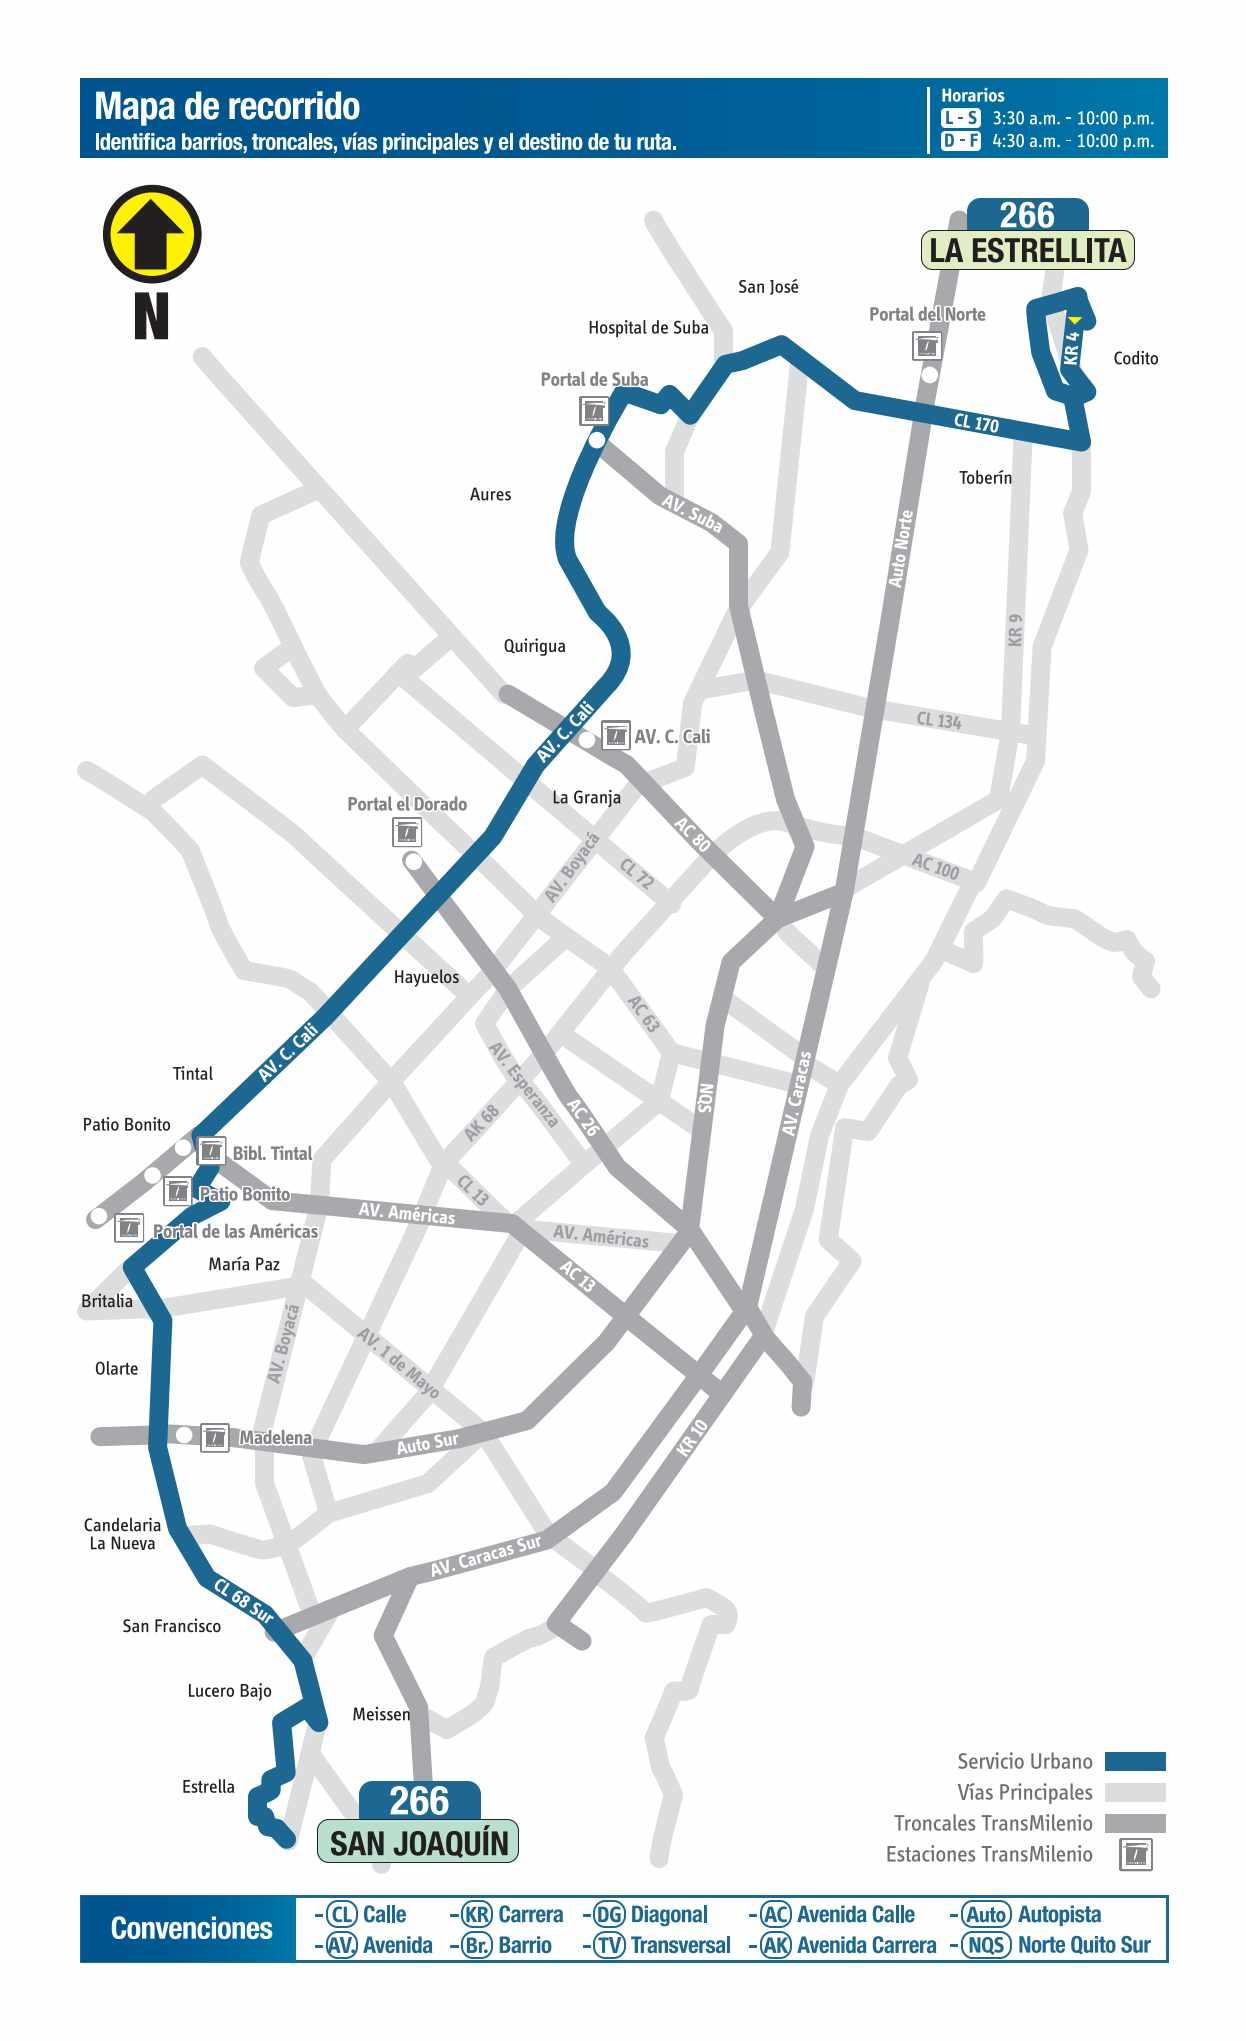 266 La Estrellita - San Joaquín, mapa bus urbano Bogotá